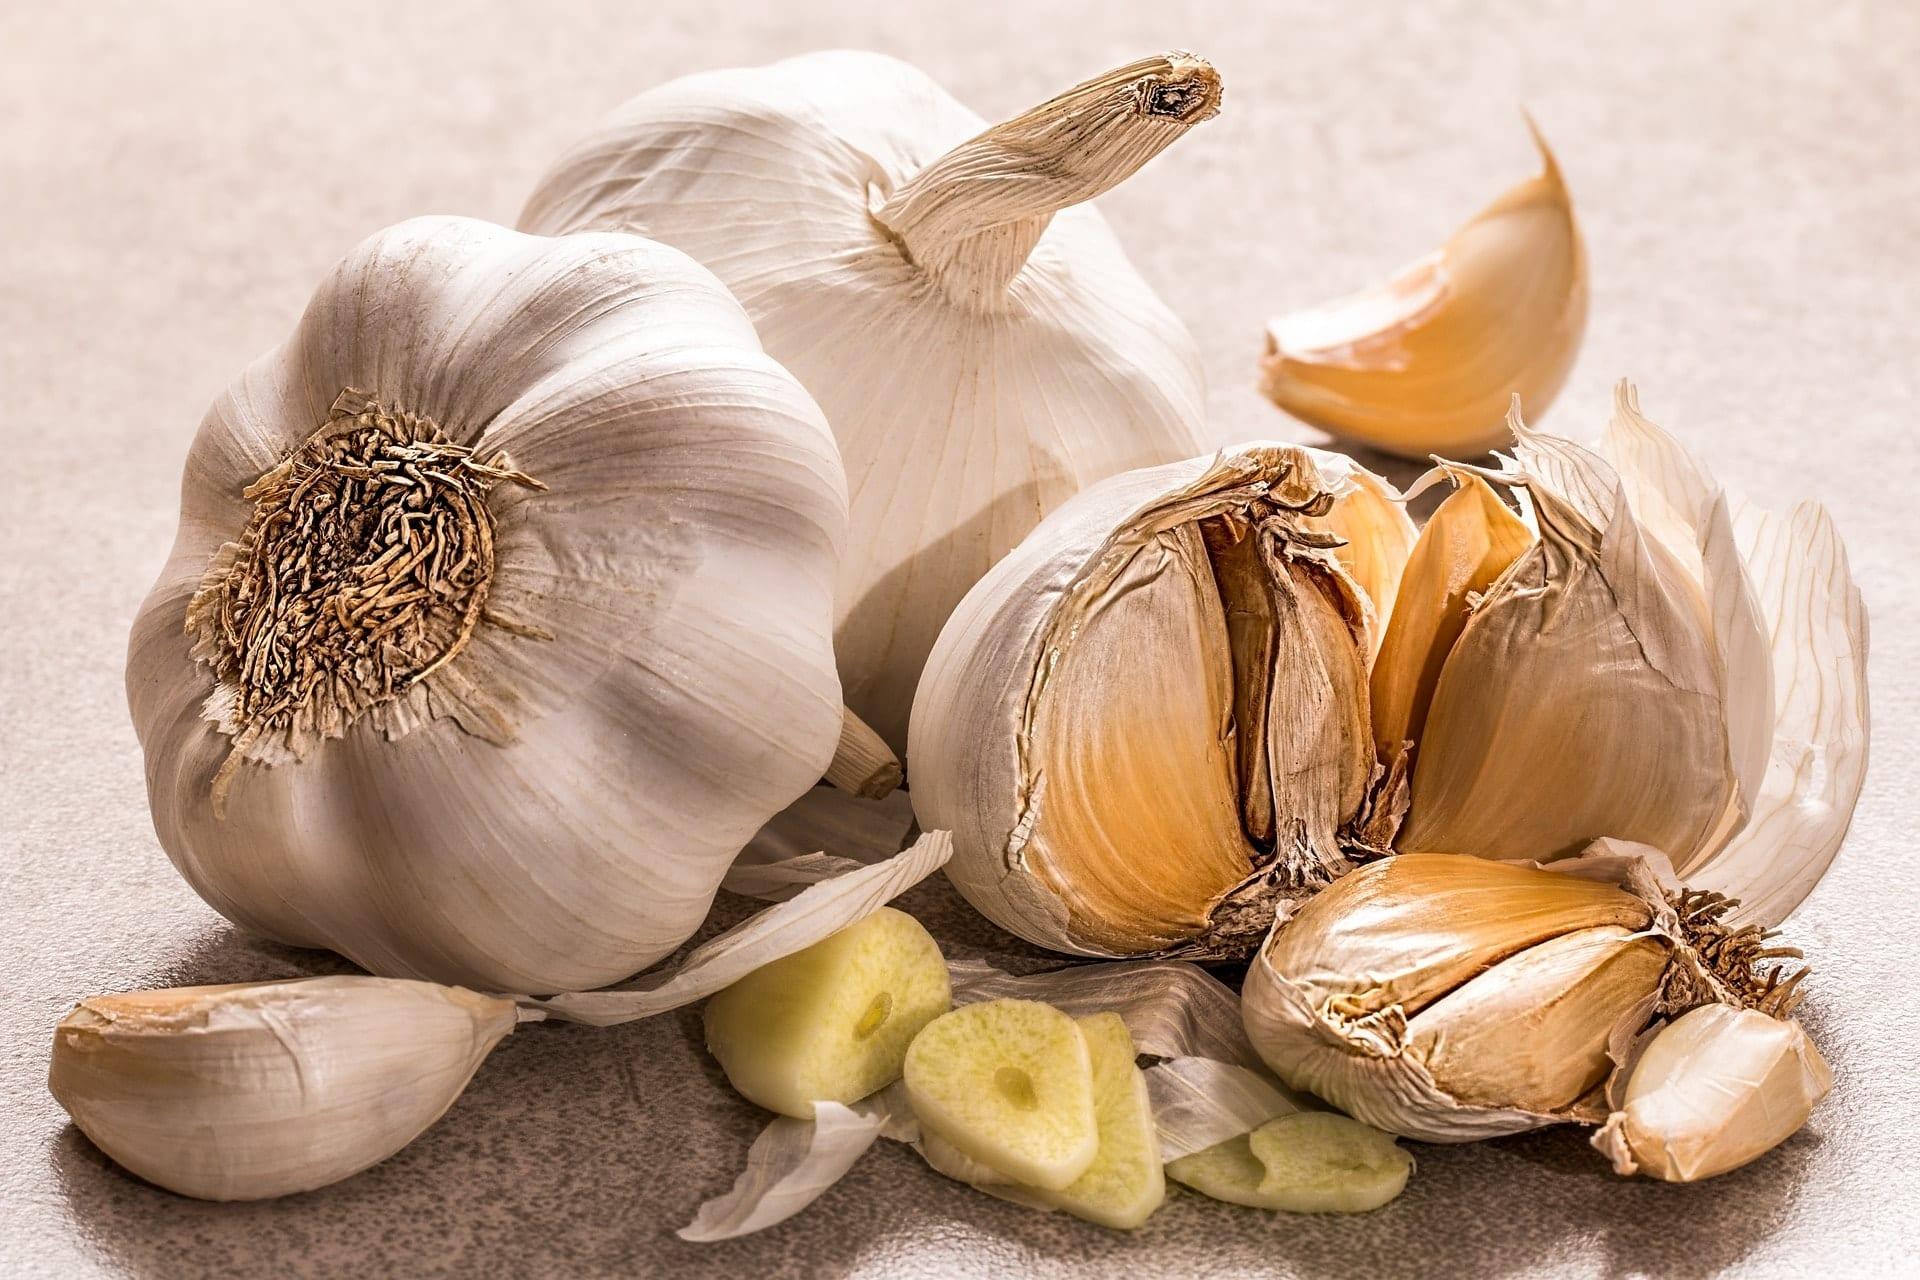 come mangiare l aglio per la perdita di peso